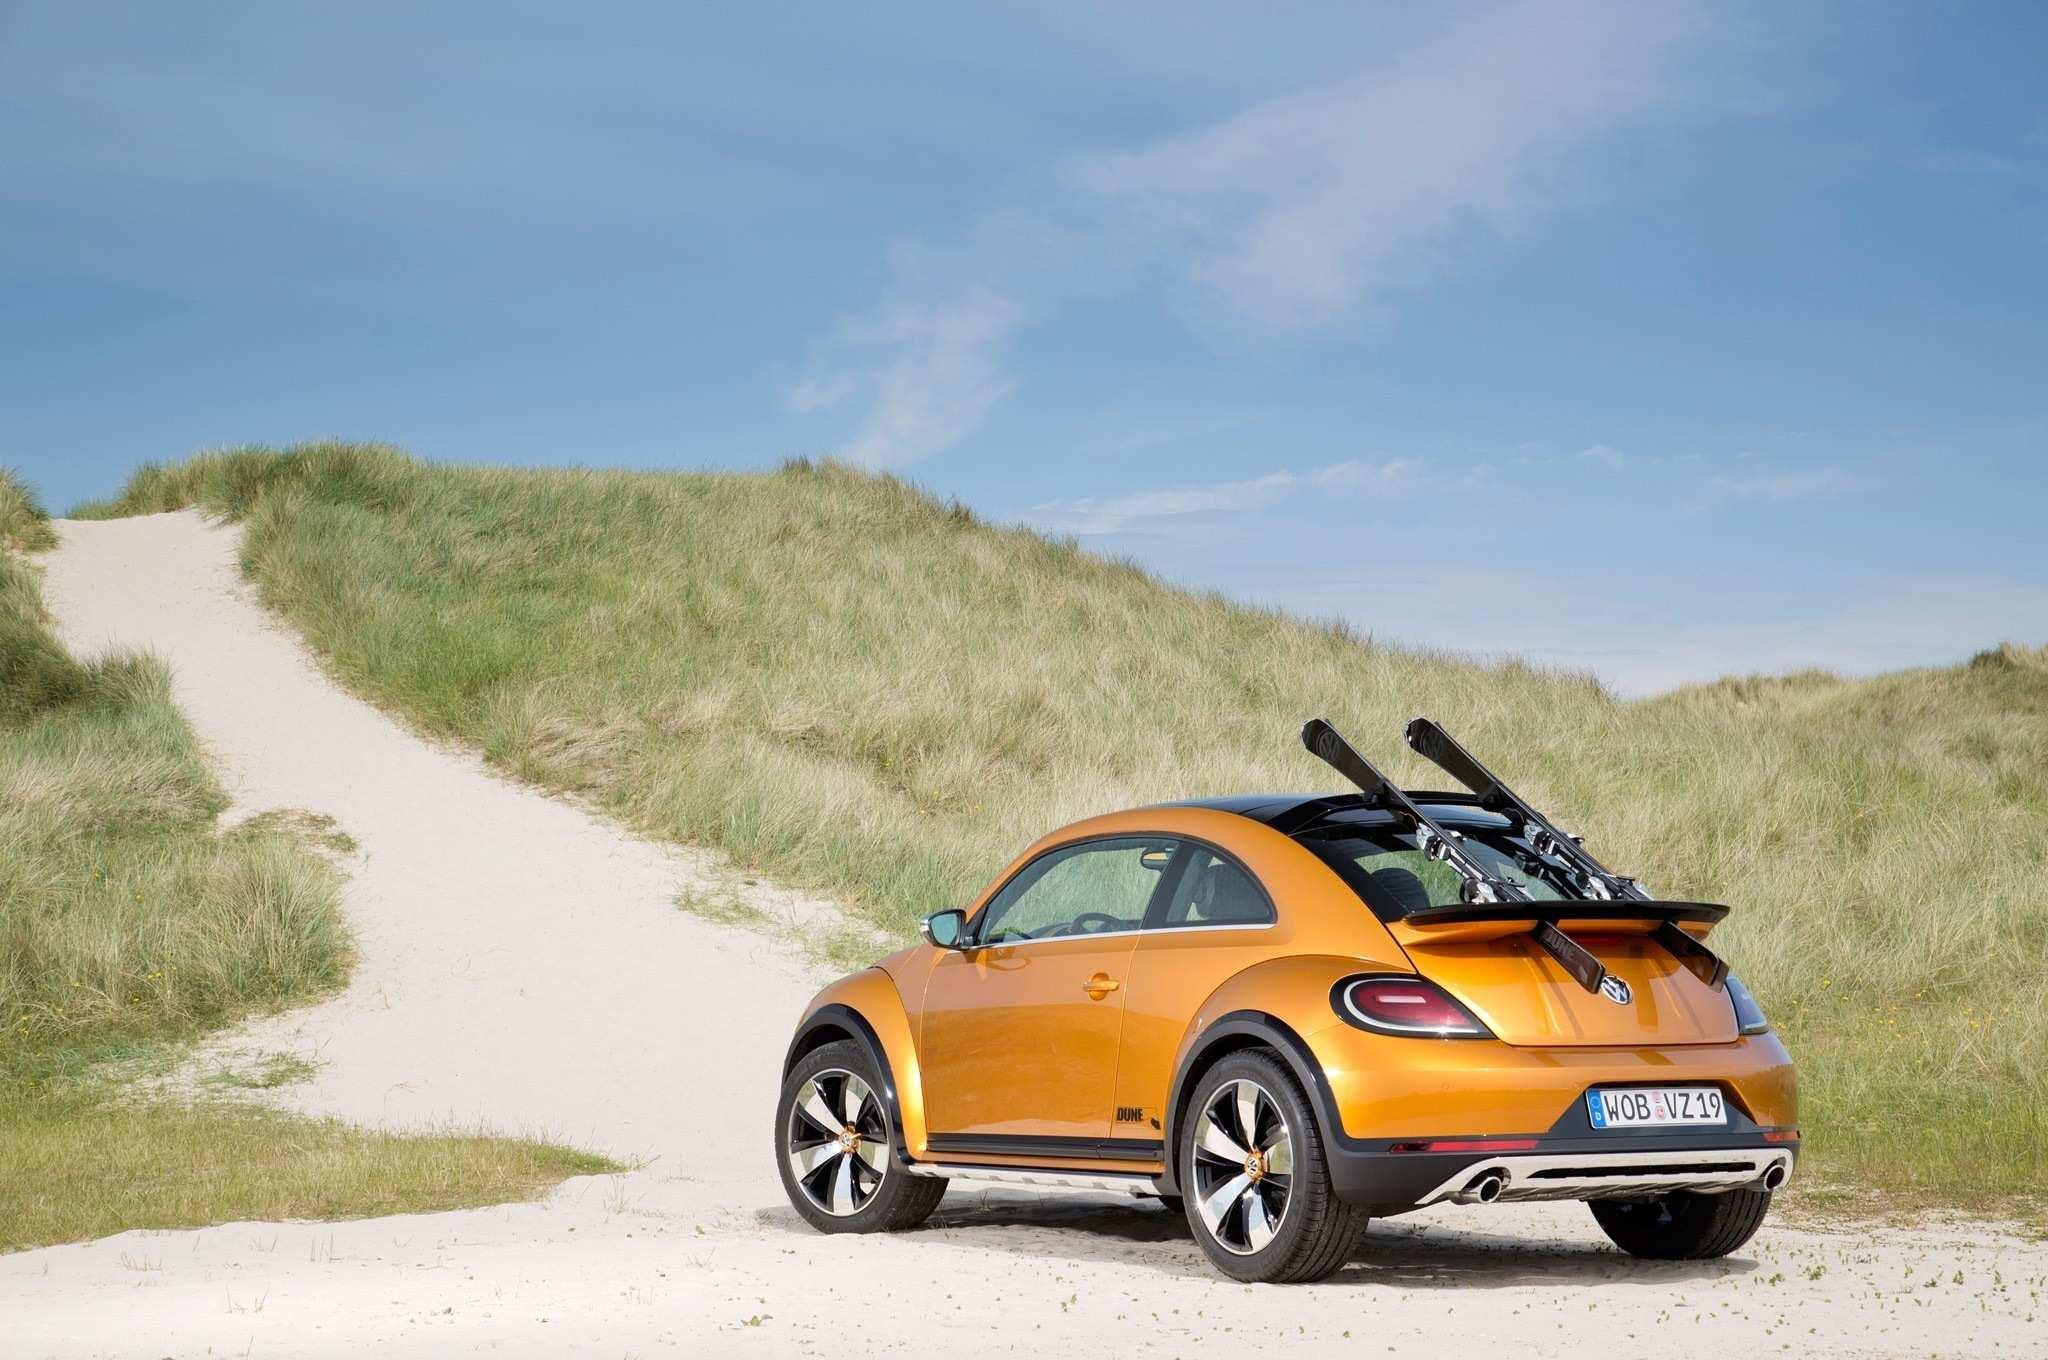 26 Concept of 2020 Volkswagen Beetle Dune Concept with 2020 Volkswagen Beetle Dune